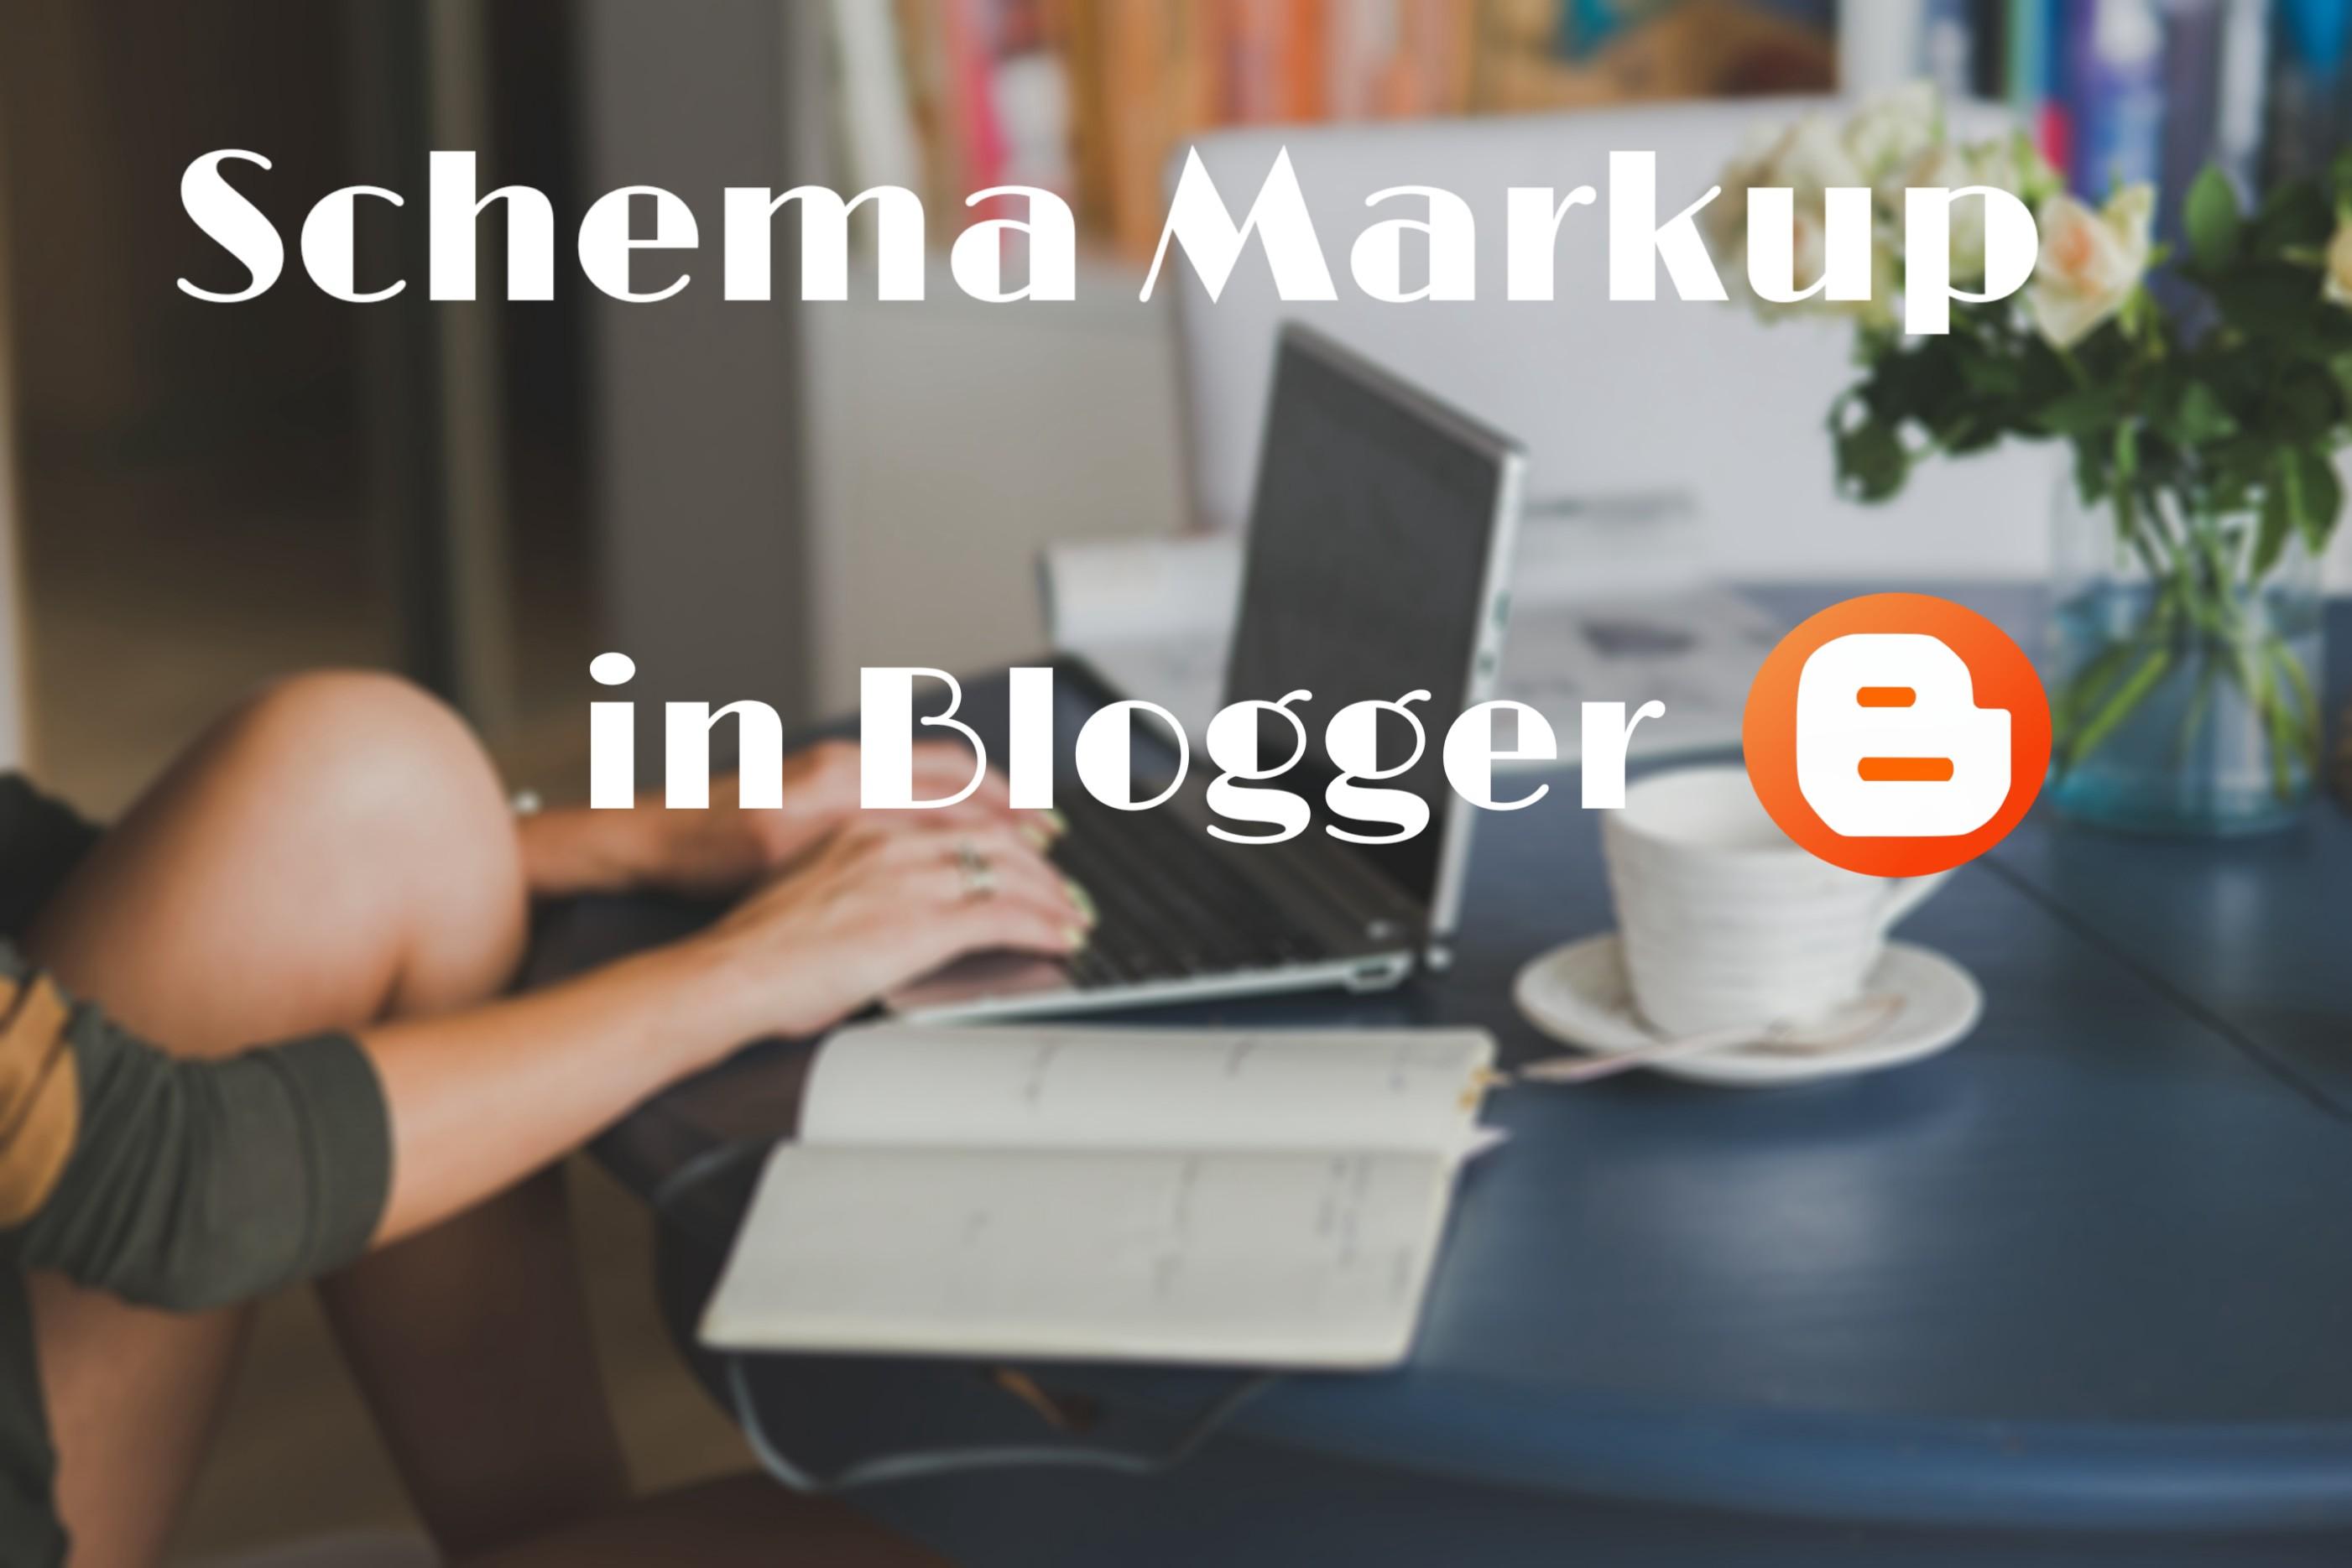 Schema markup in Blogspot, how to add schema markup in Blogger Blogspot